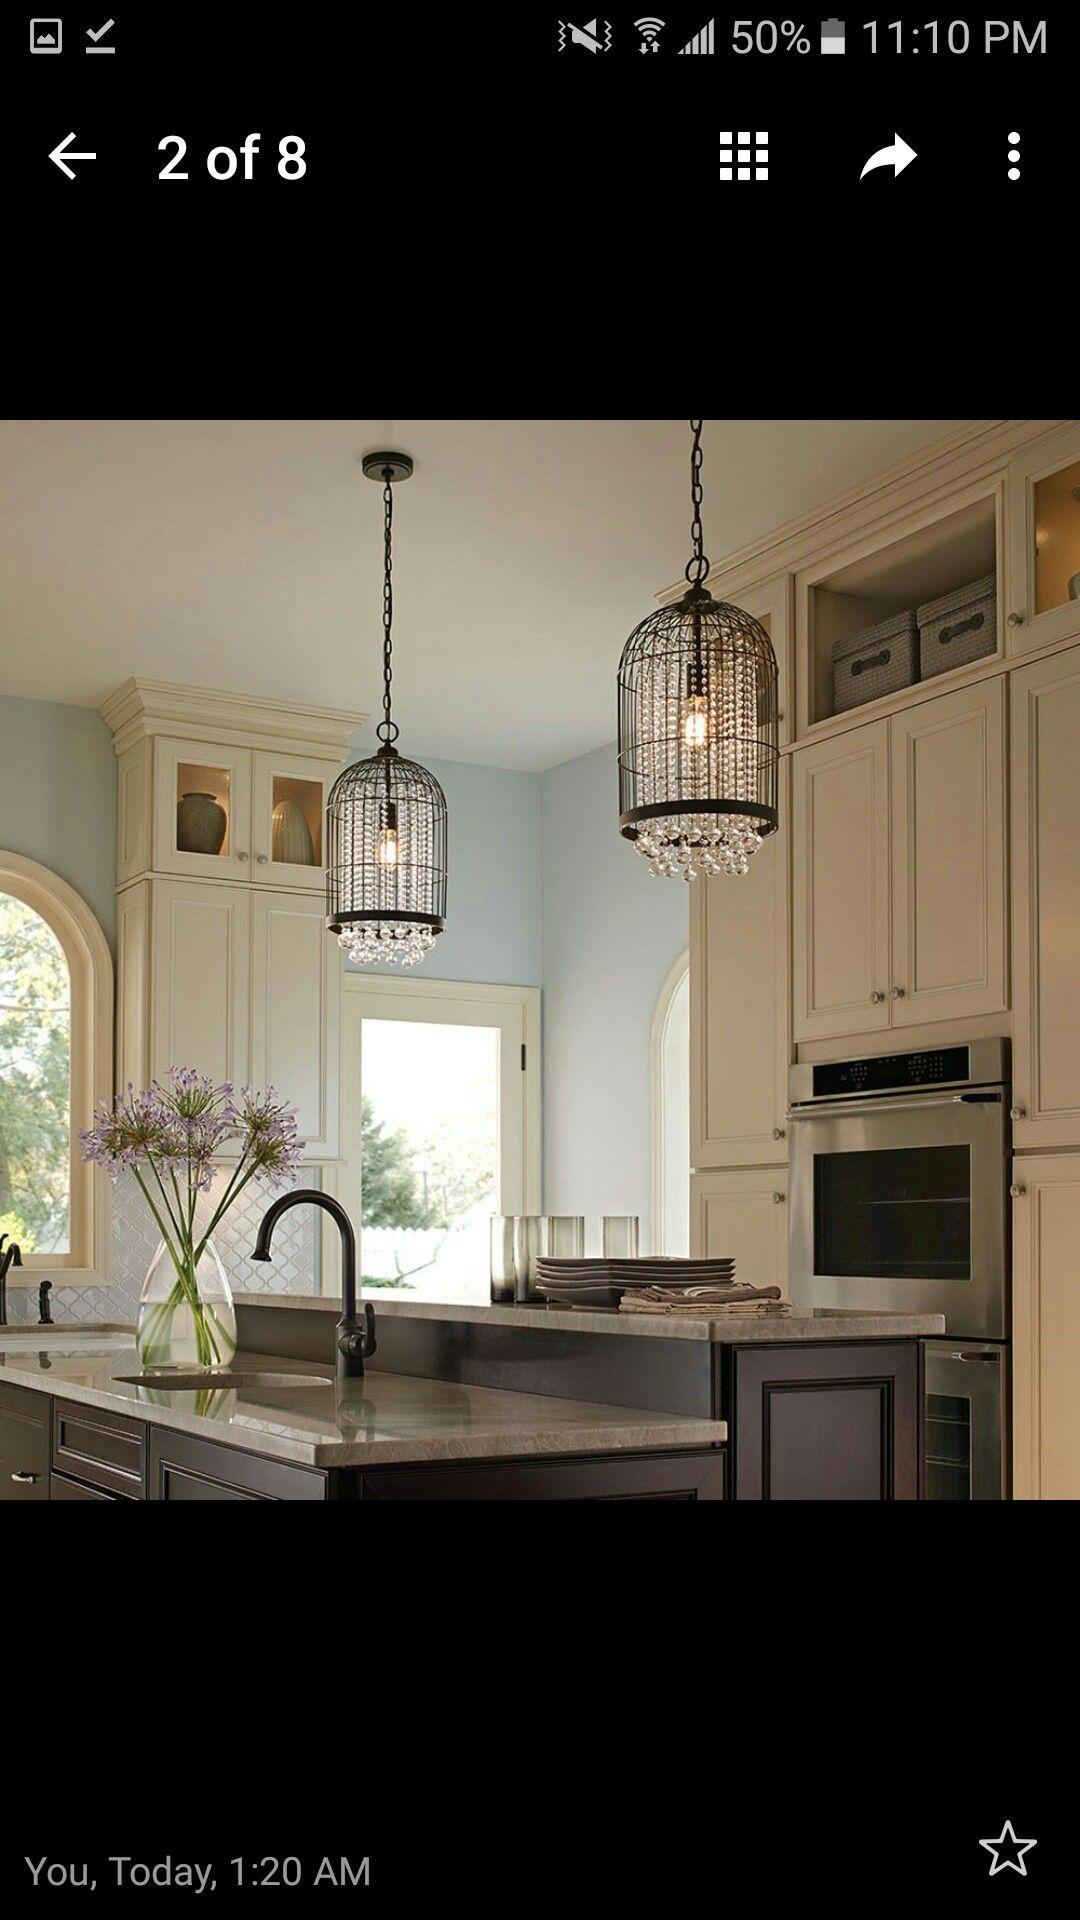 Tolle Diy Küchenbeleuchtung Pinterest Bilder - Ideen Für Die Küche ...